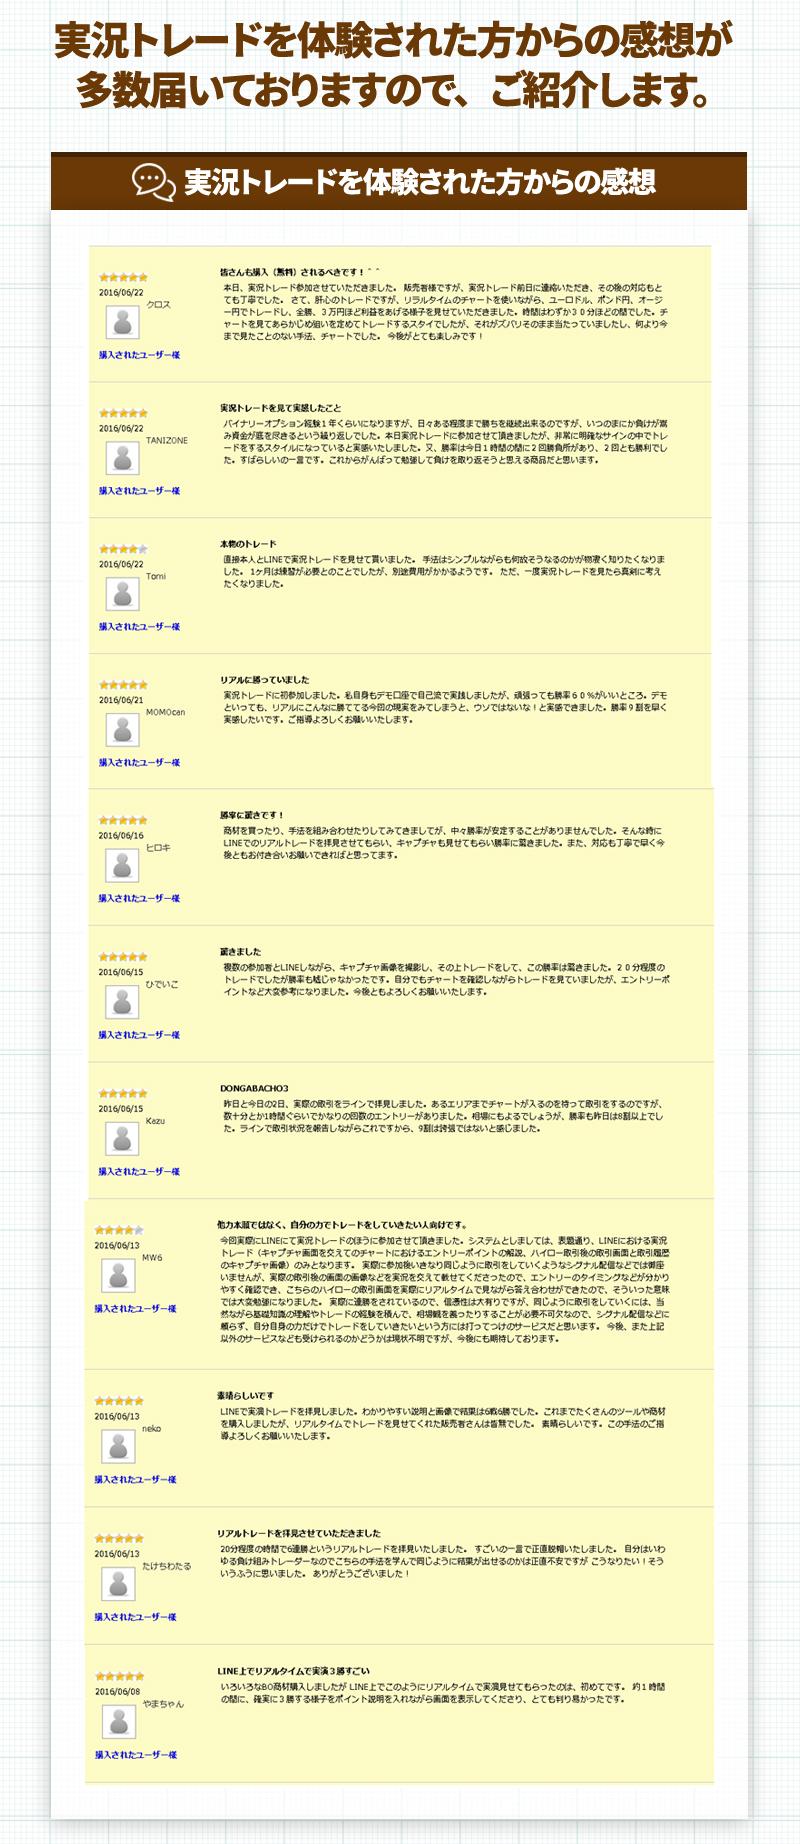 FXページ制作2_08.jpg